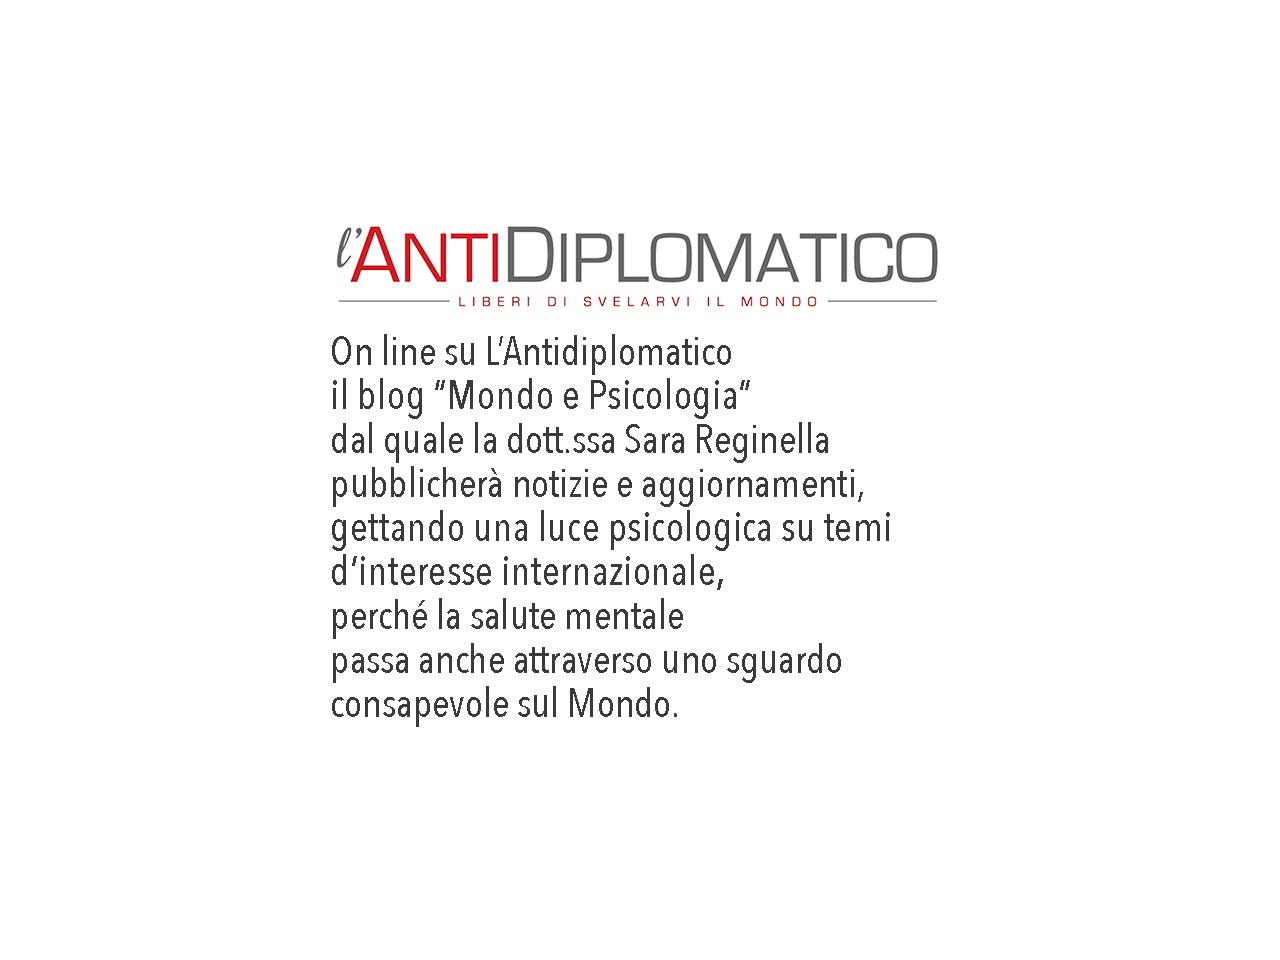 """On line su L'AntiDiplomatico il blog """"Mondo e Psicologia"""" a cura della dott.ssa Reginella"""